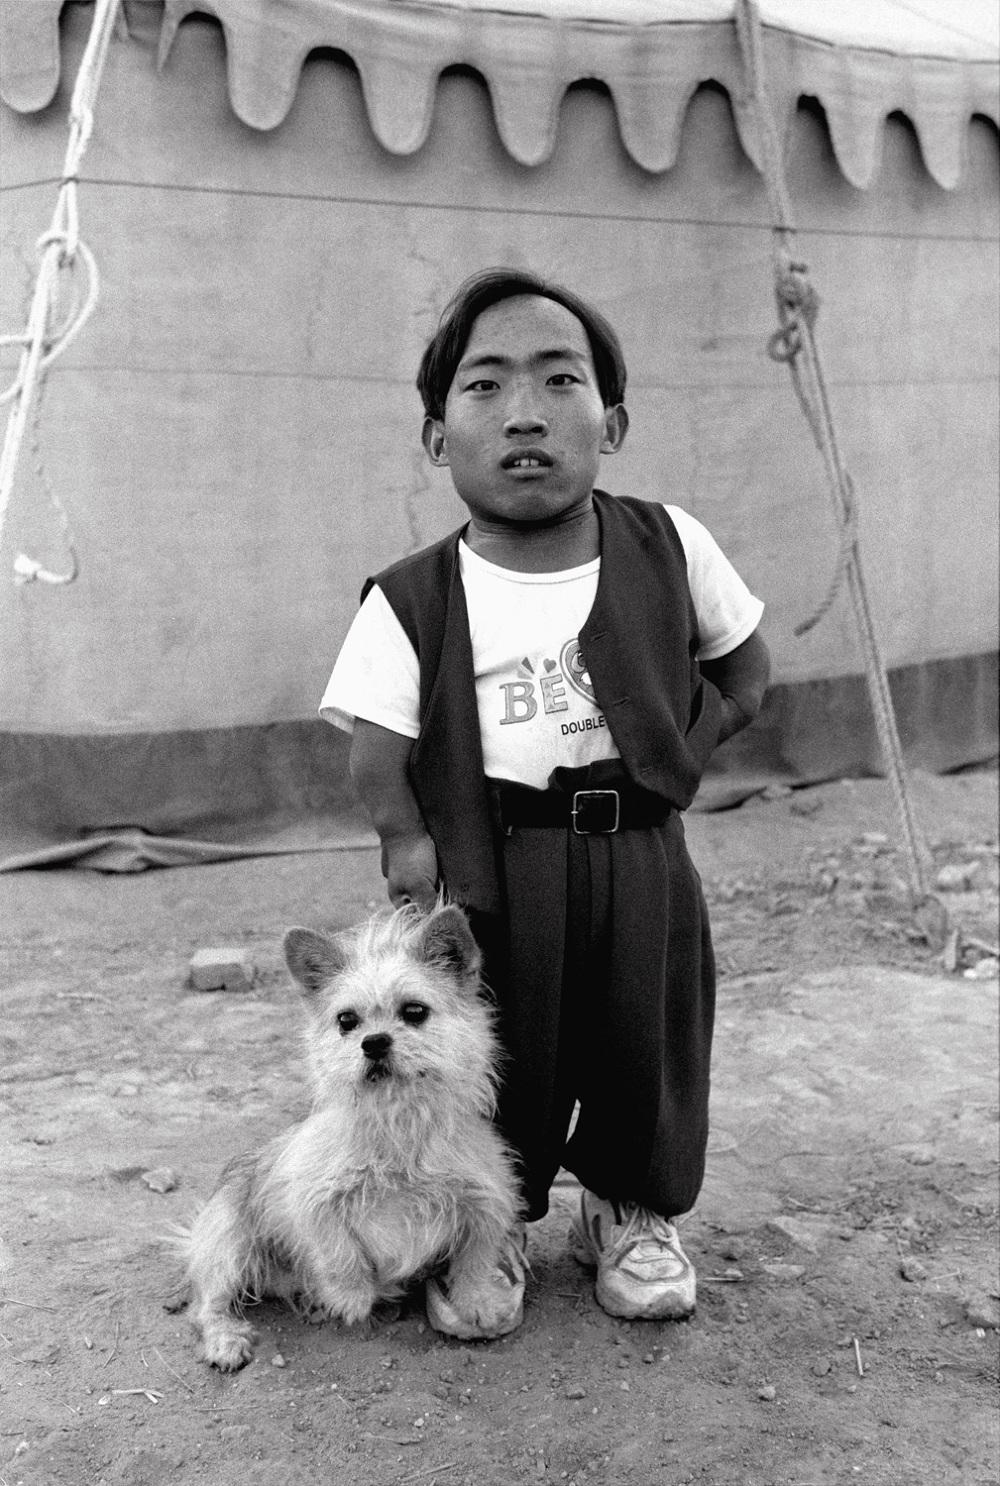 peng-xiangjie-the-wandering-tent-photography-of-china-11.jpg